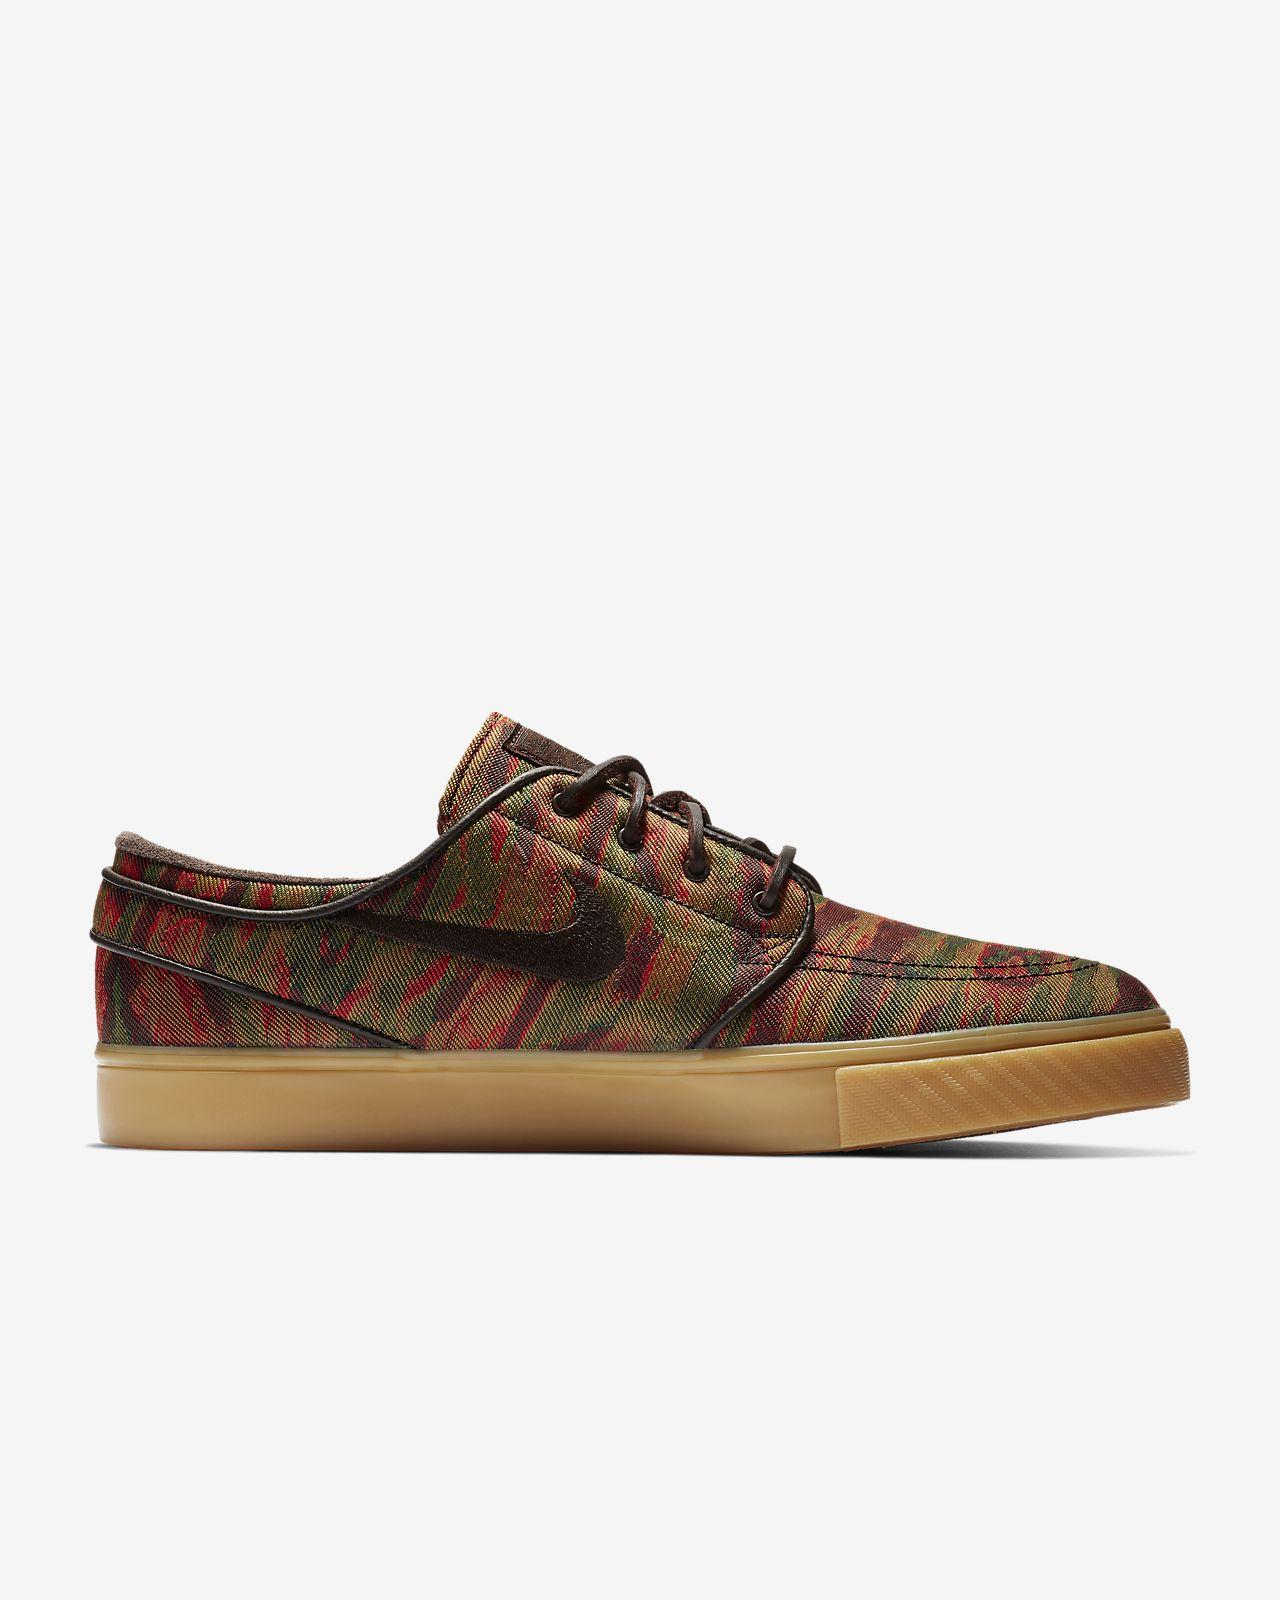 f089e3ea776399 Nike SB Zoom Stefan Janoski Canvas Premium Herren-Skateboardschuh ...